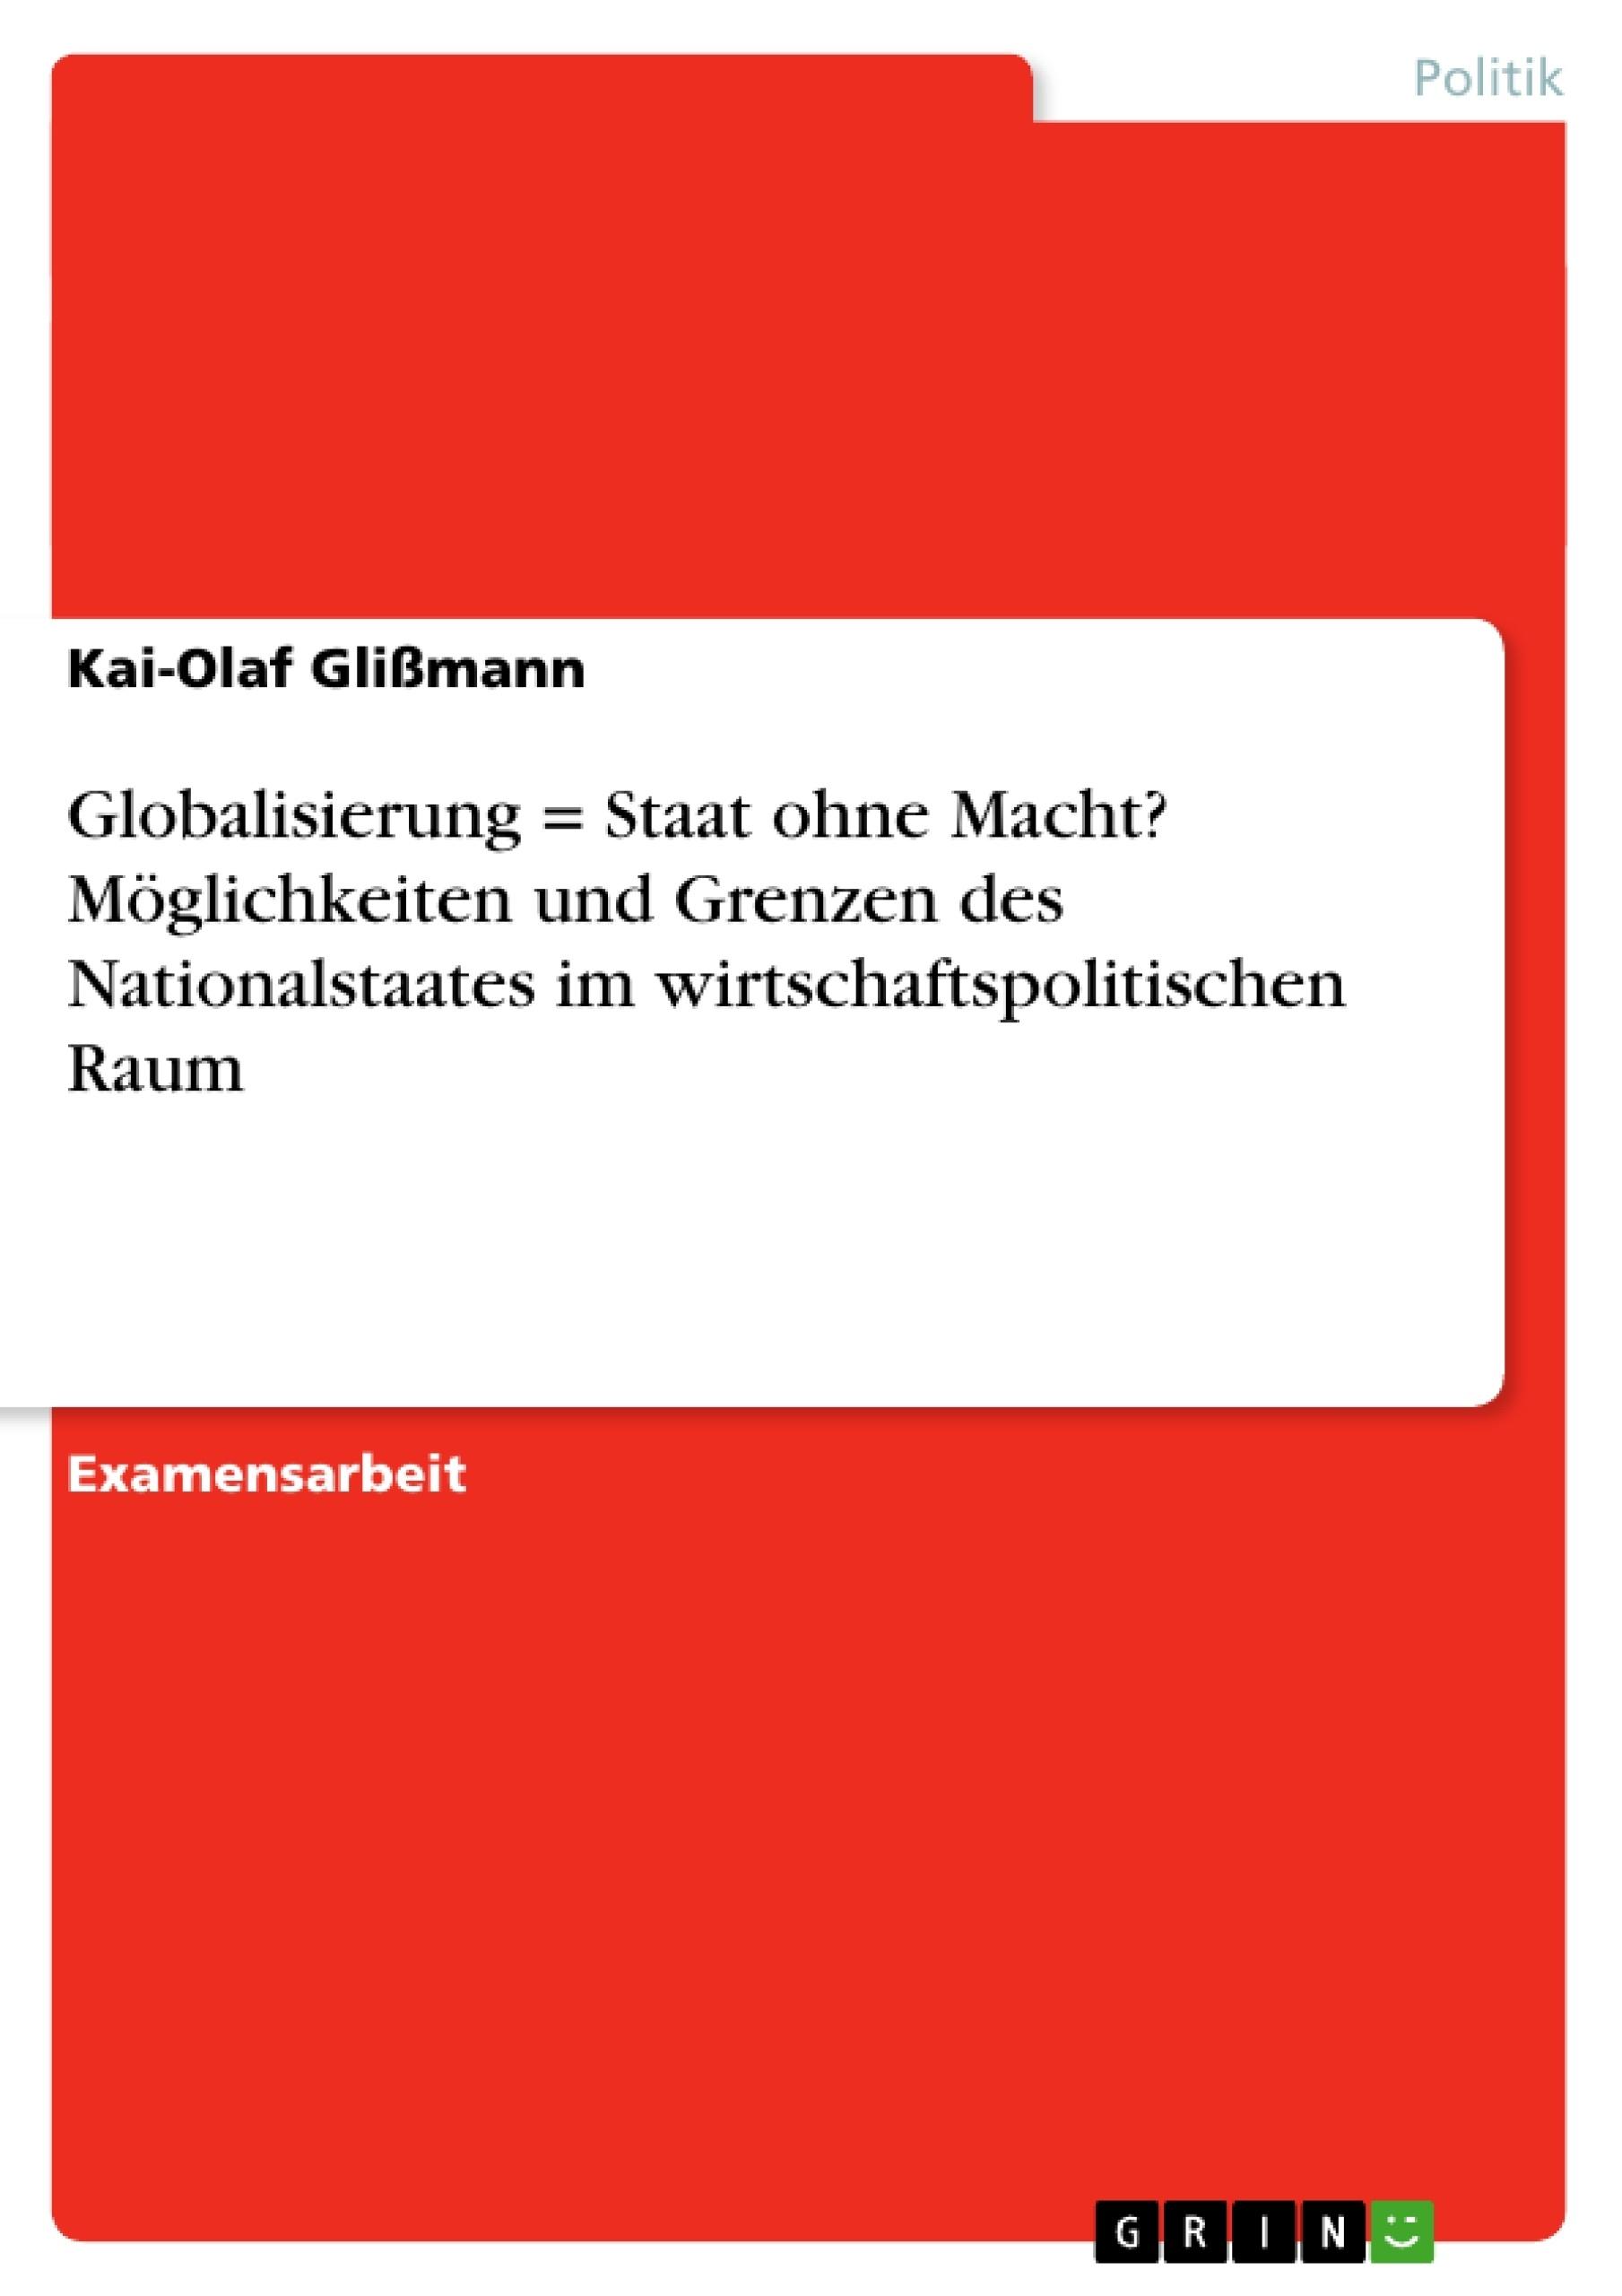 Titel: Globalisierung = Staat ohne Macht? Möglichkeiten und Grenzen des Nationalstaates im wirtschaftspolitischen Raum